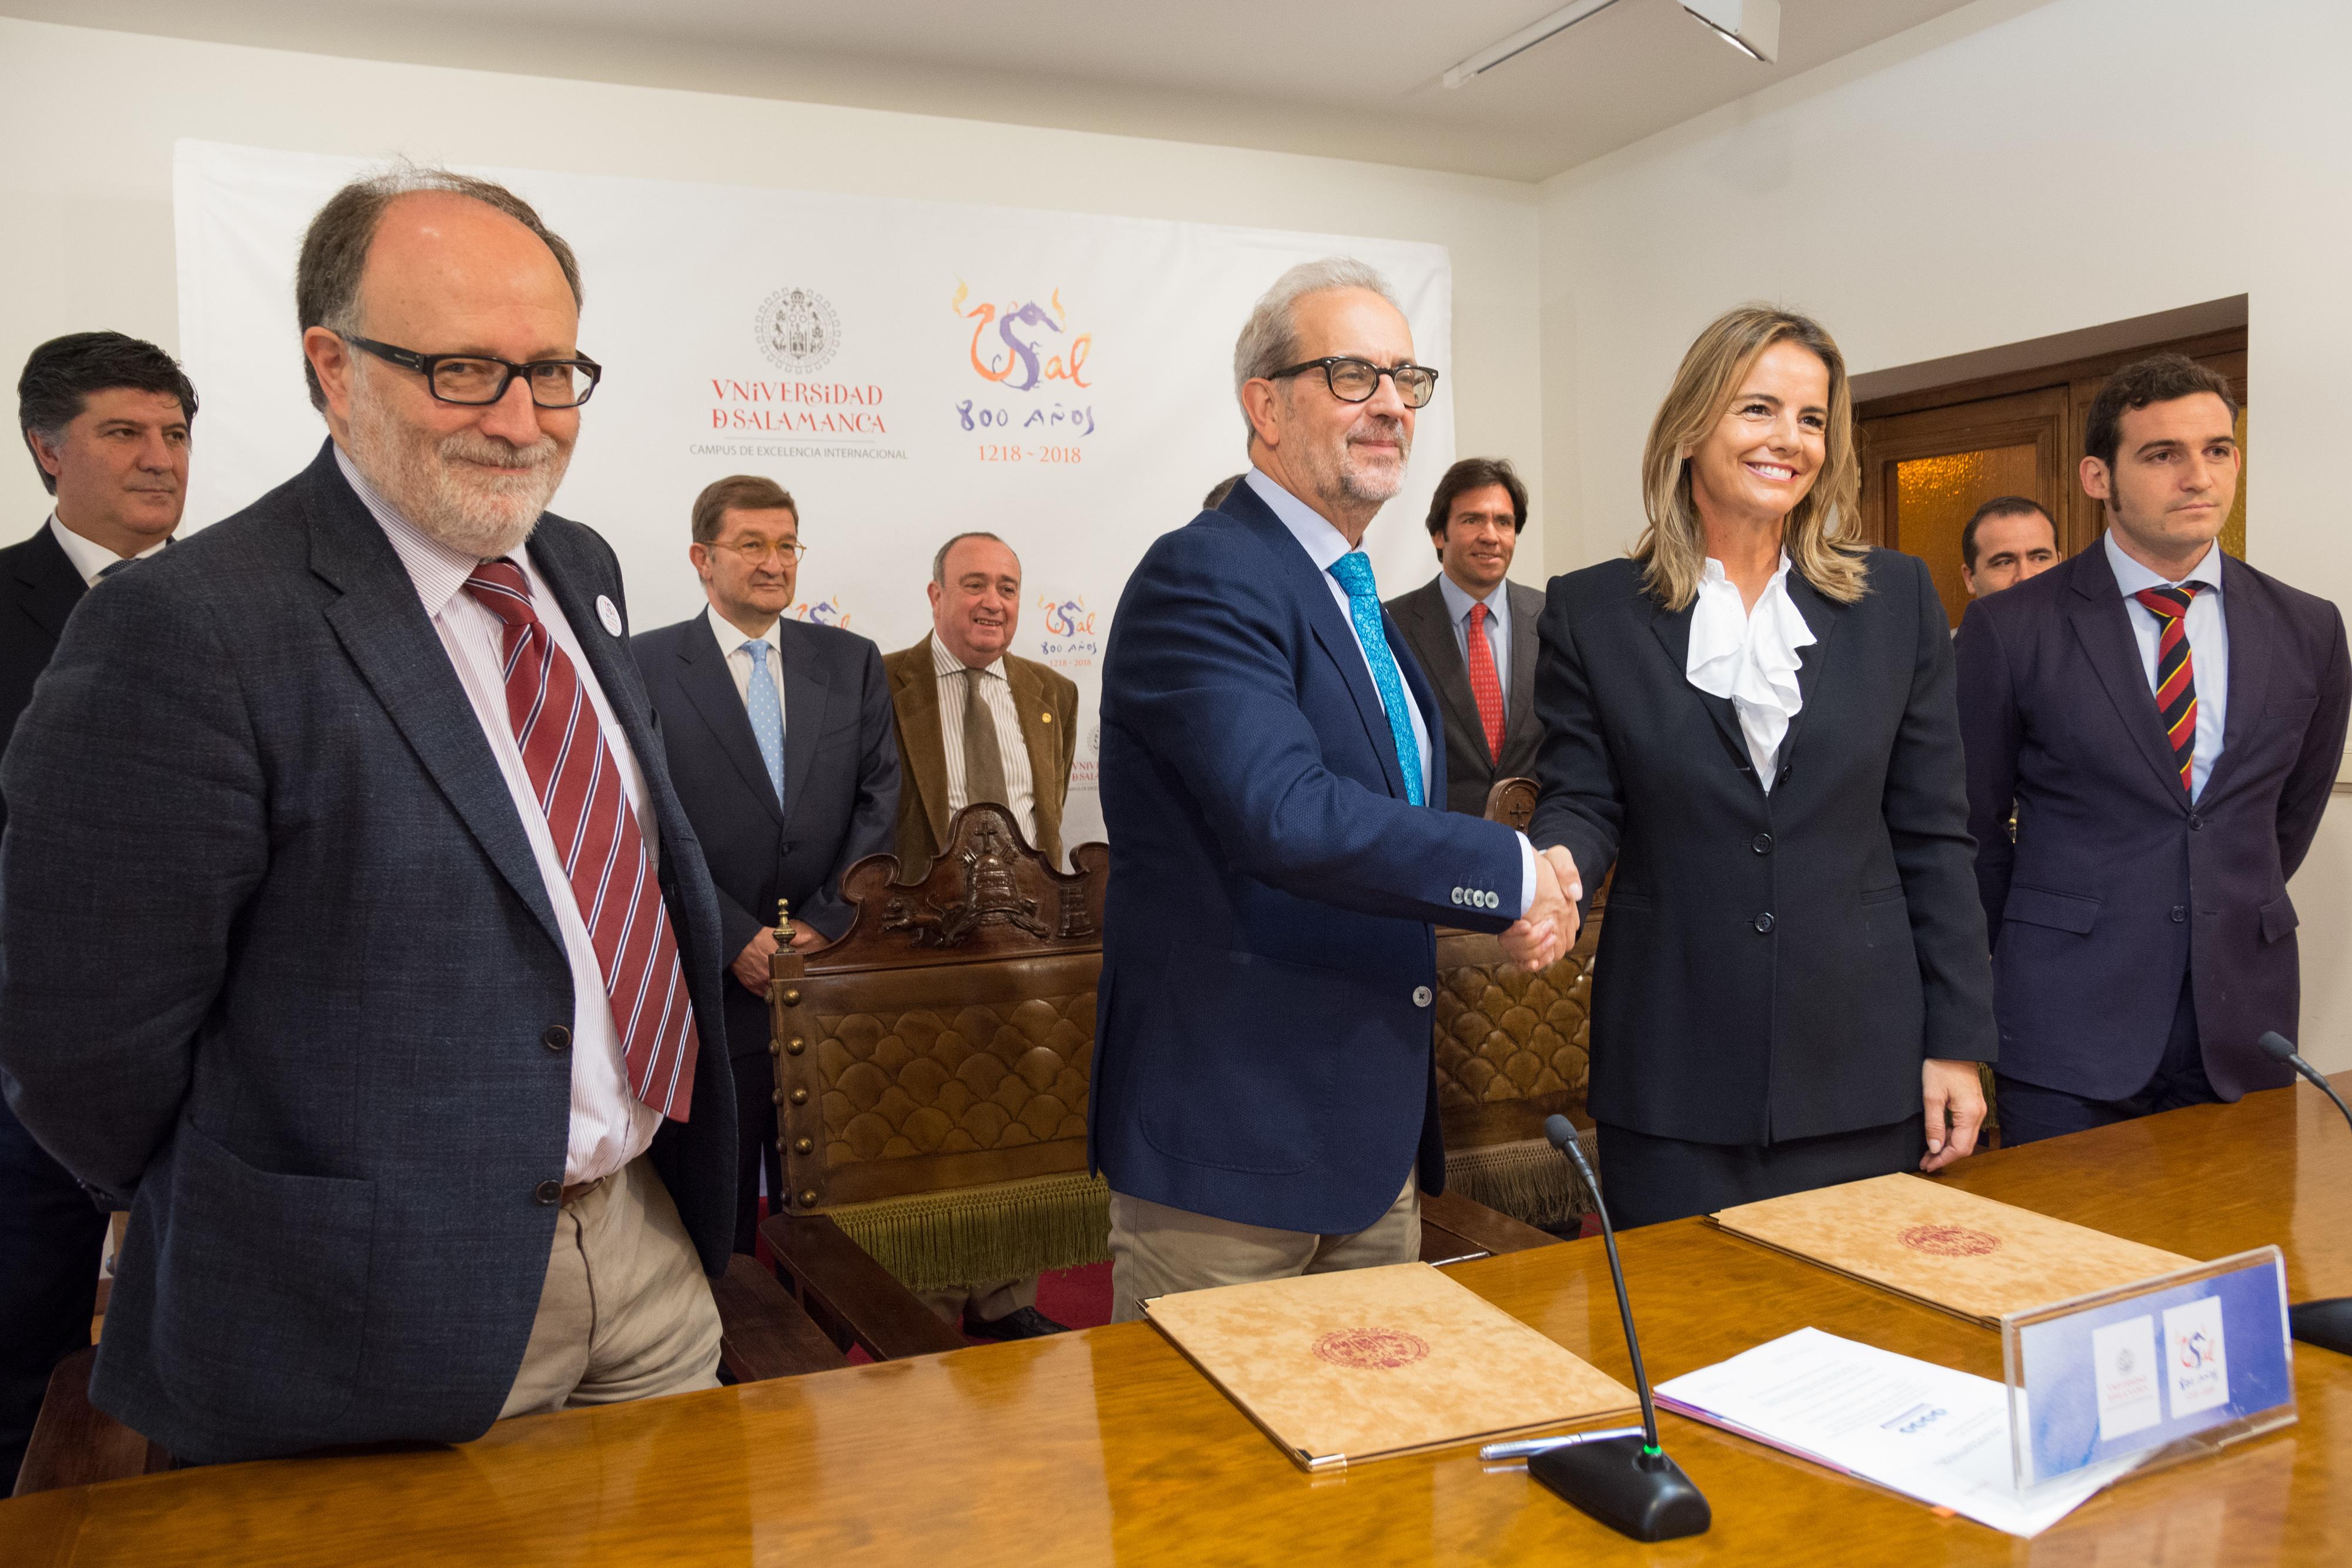 La Facultad de Medicina dispondrá de un laboratorio quirúrgico de base de cráneo gracias al acuerdo de la Universidad con Oticon Medical